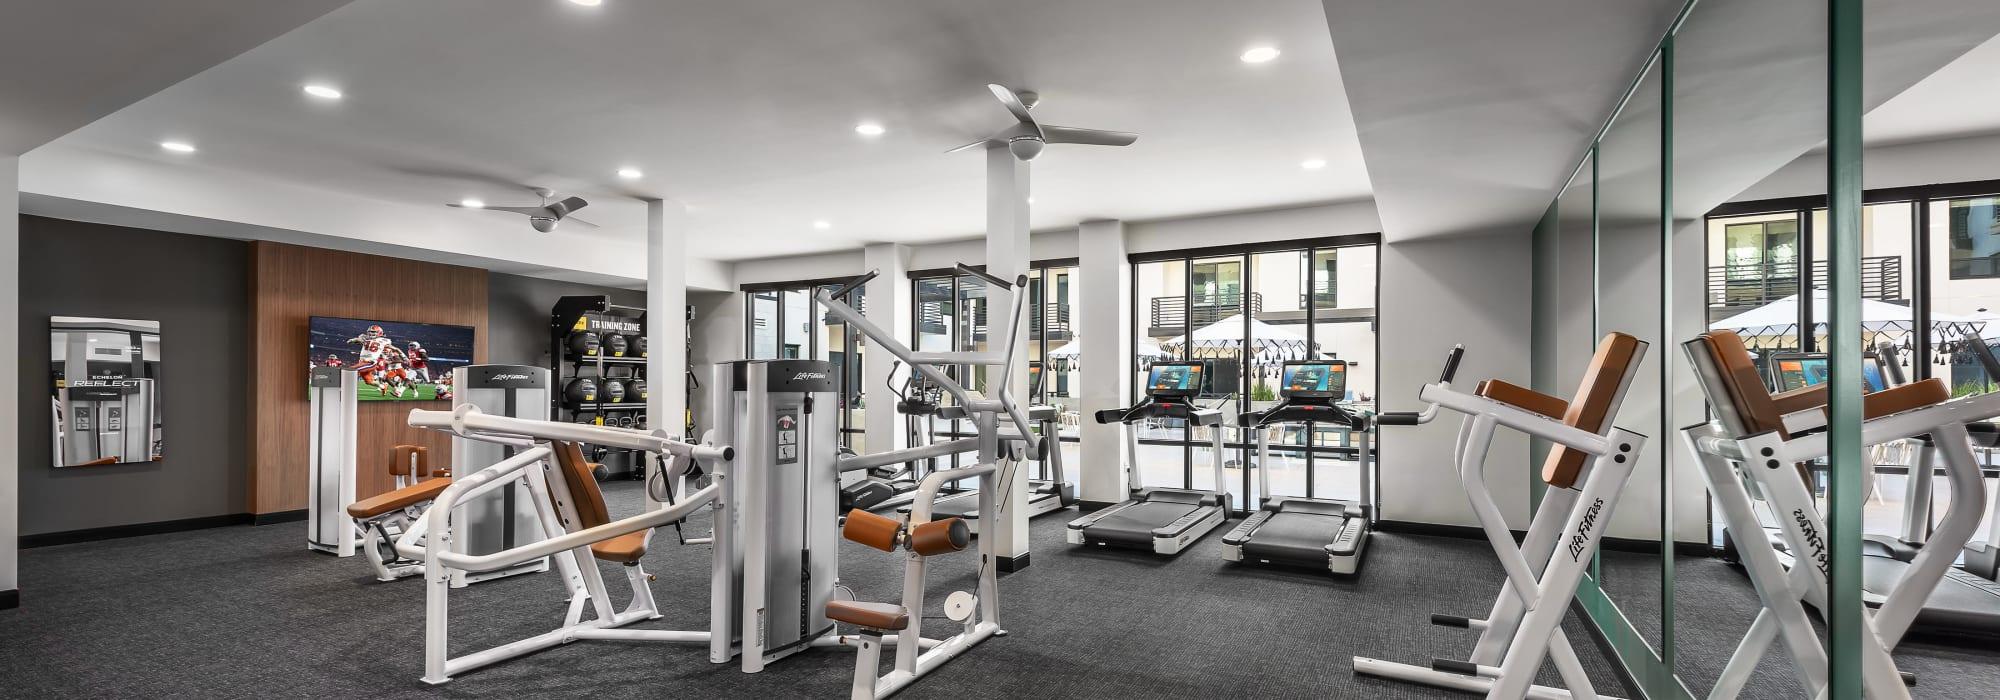 The gym at Scottsdale, Arizona near Gramercy Scottsdale